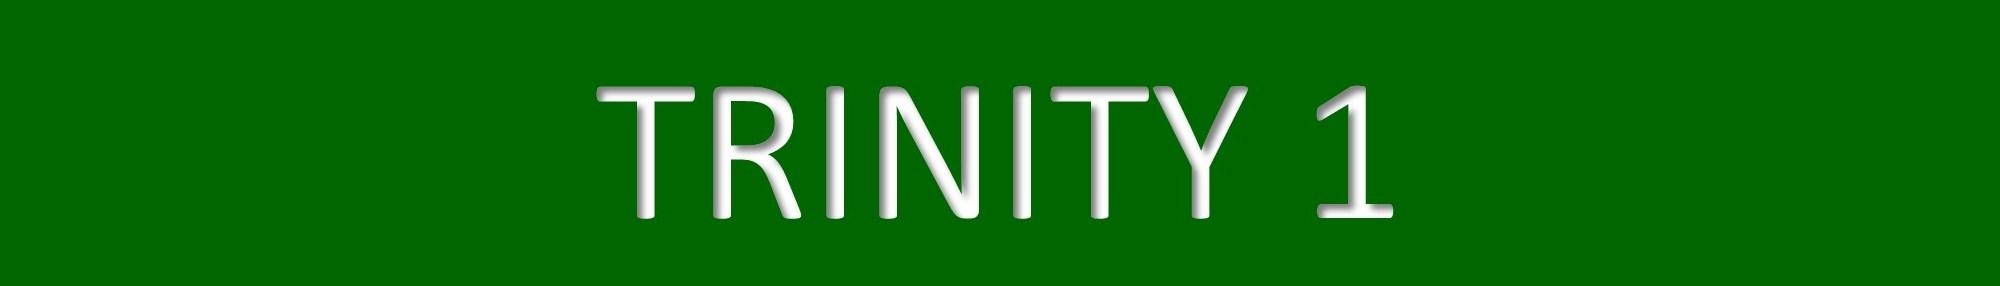 Trinity 1 header